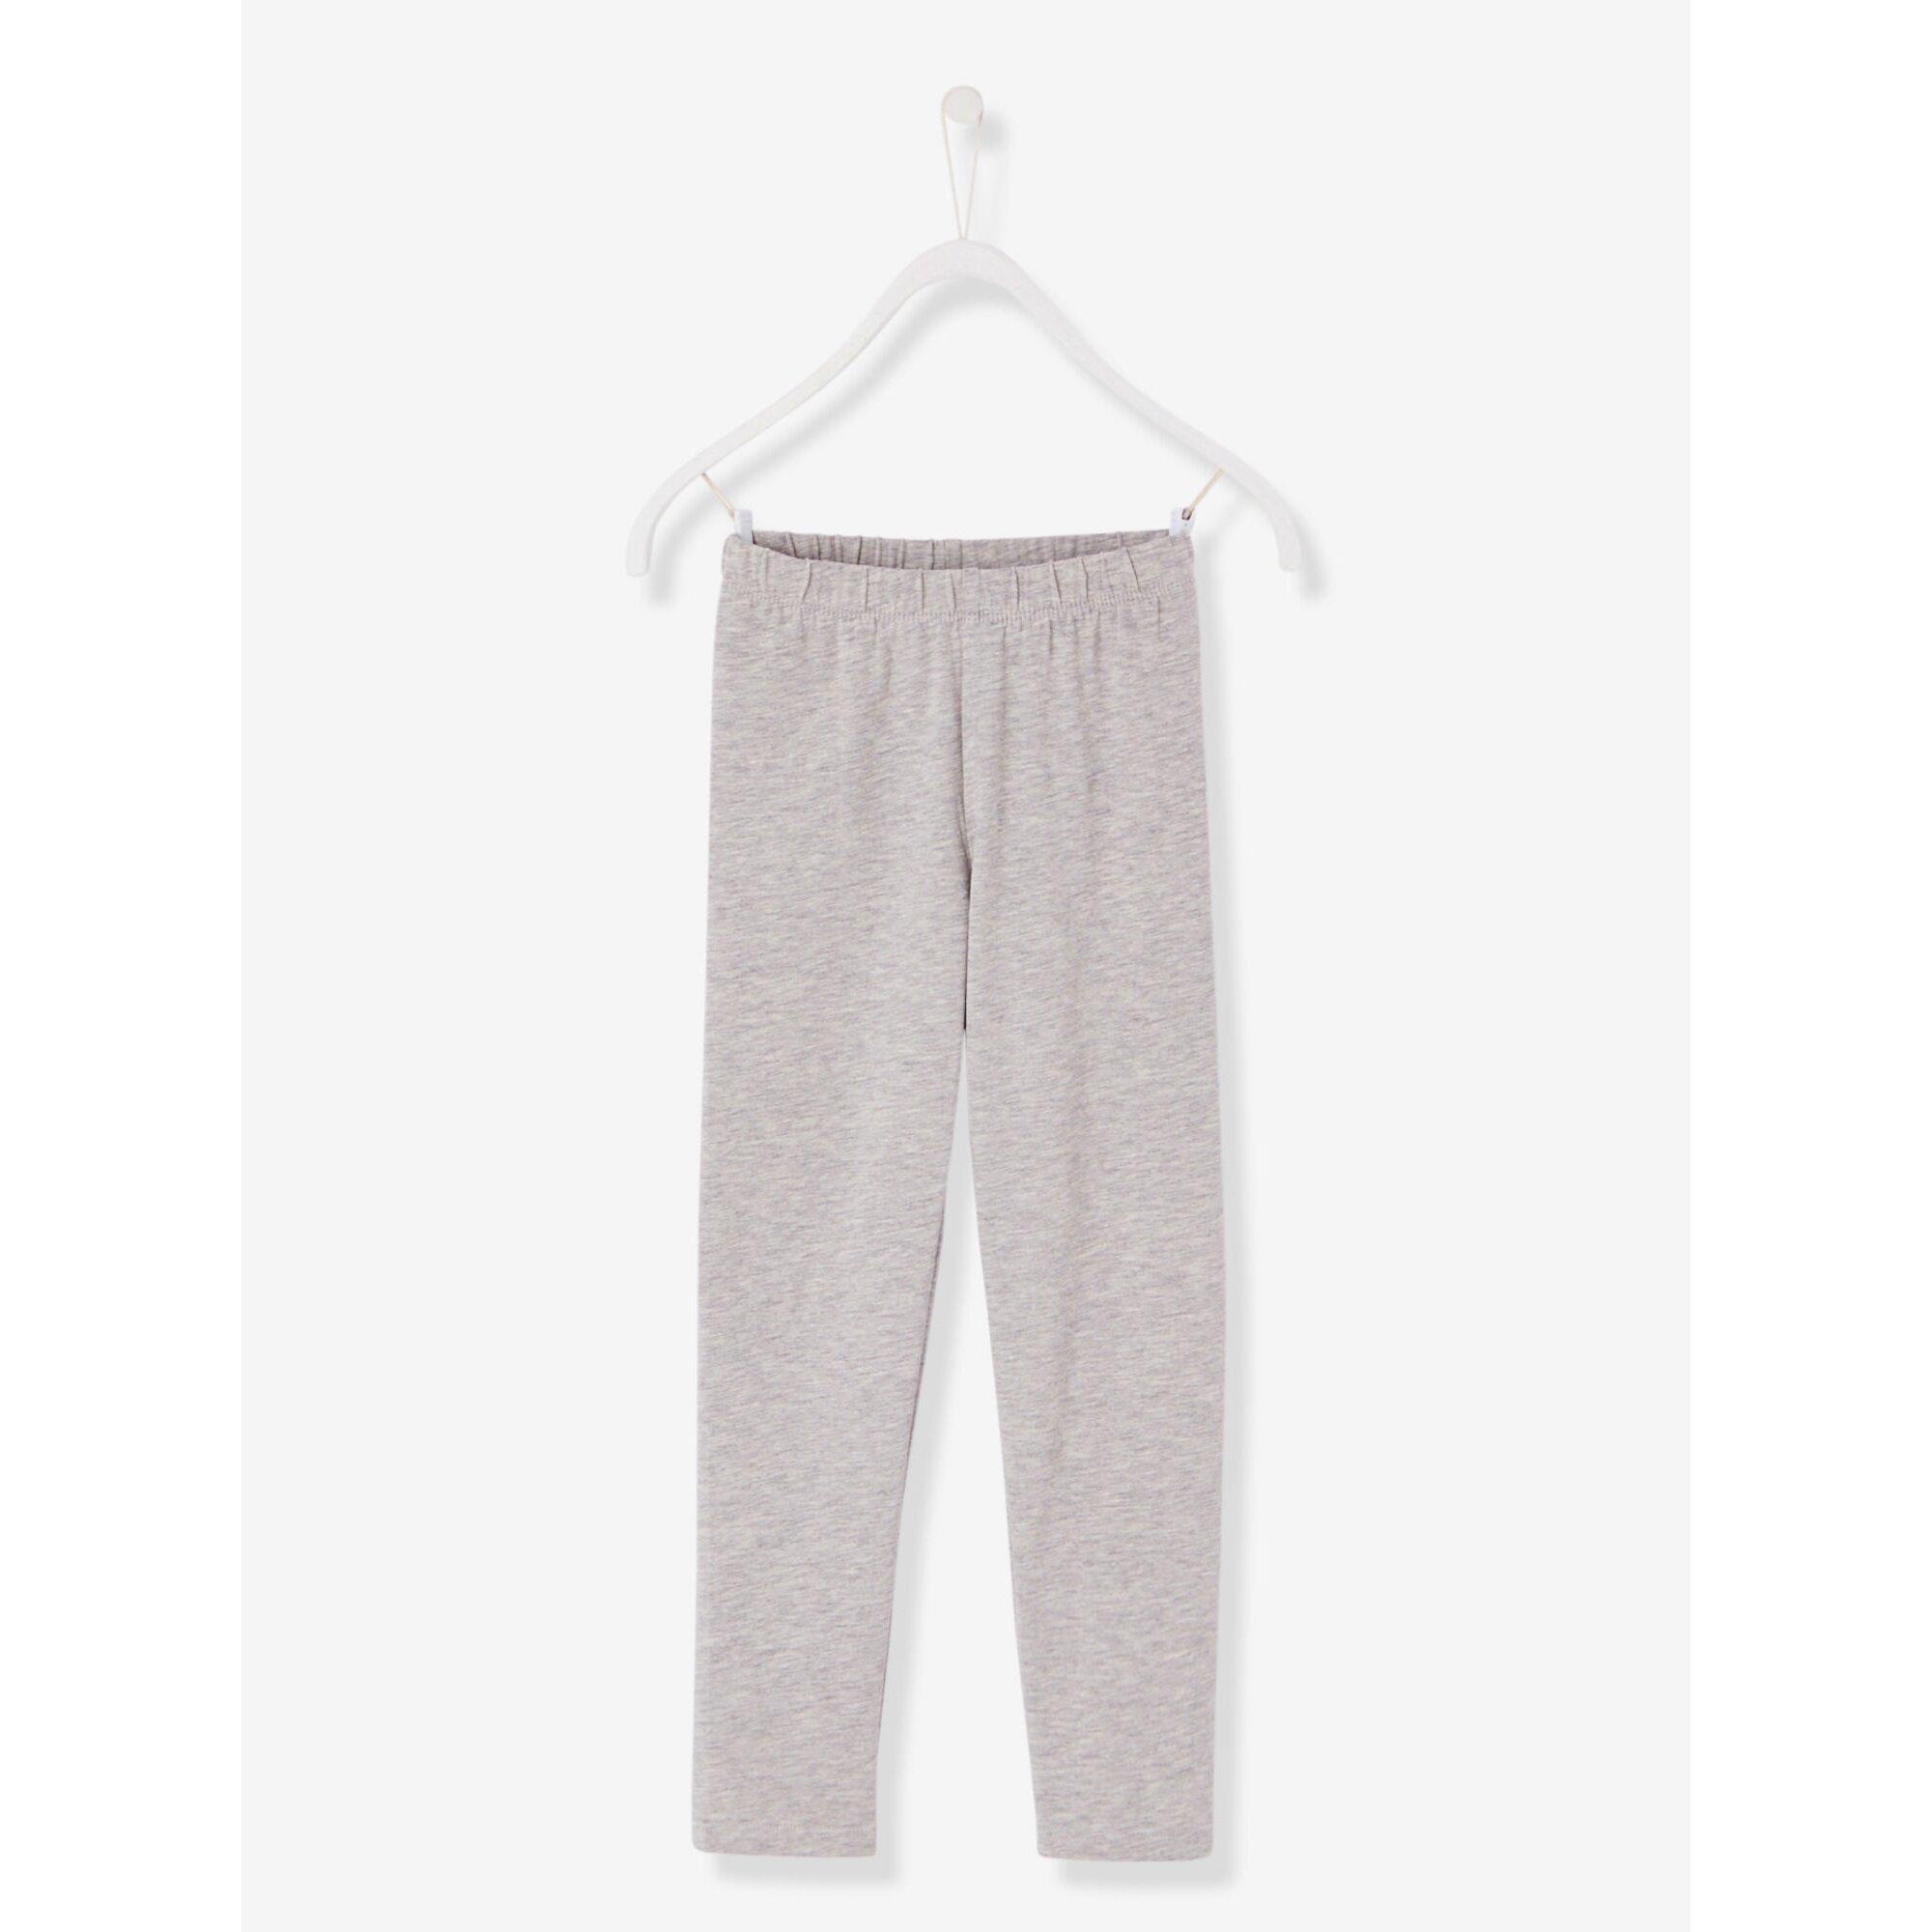 vertbaudet-madchen-set-aus-nachthemd-und-leggings